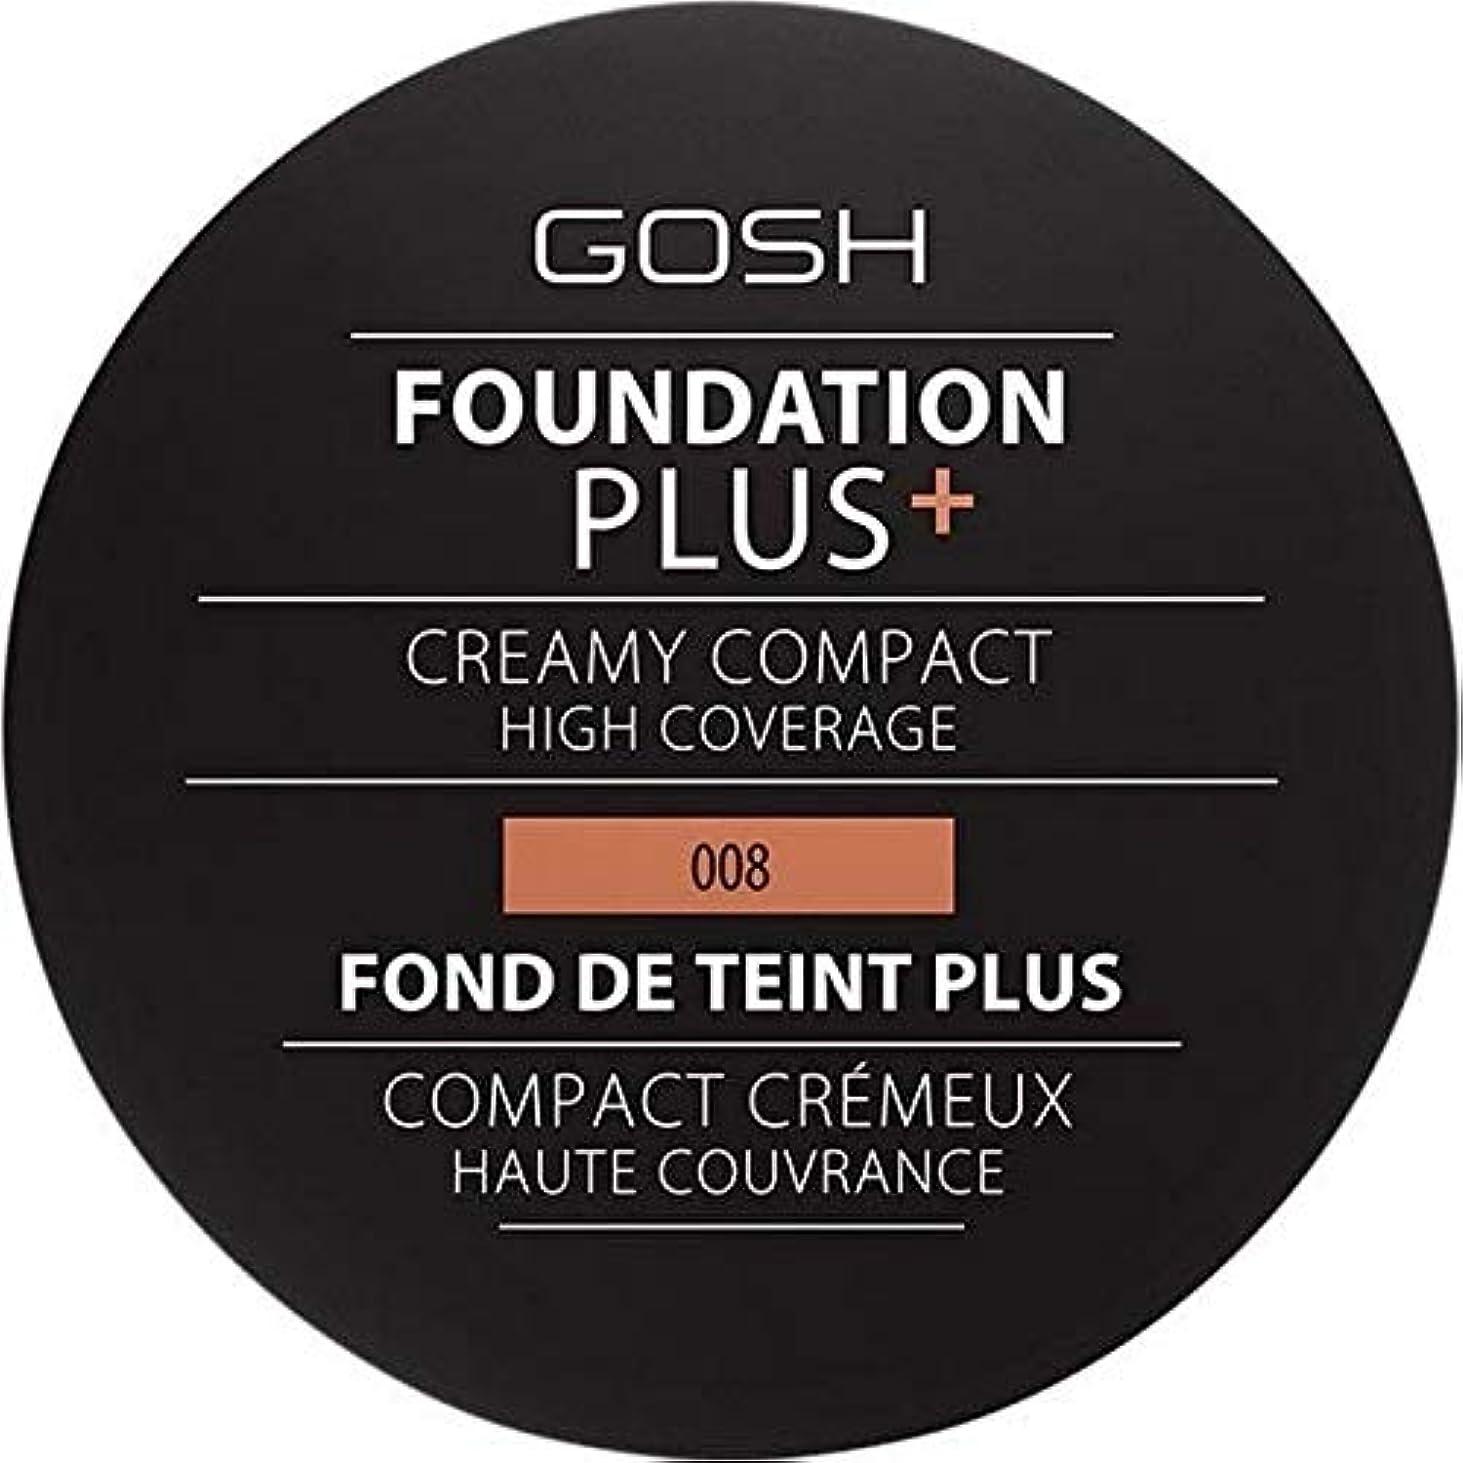 つなぐ爬虫類マイル[GOSH ] おやっ基盤プラス008 +クリーミーコンパクト黄金 - Gosh Foundation Plus+ Creamy Compact Golden 008 [並行輸入品]